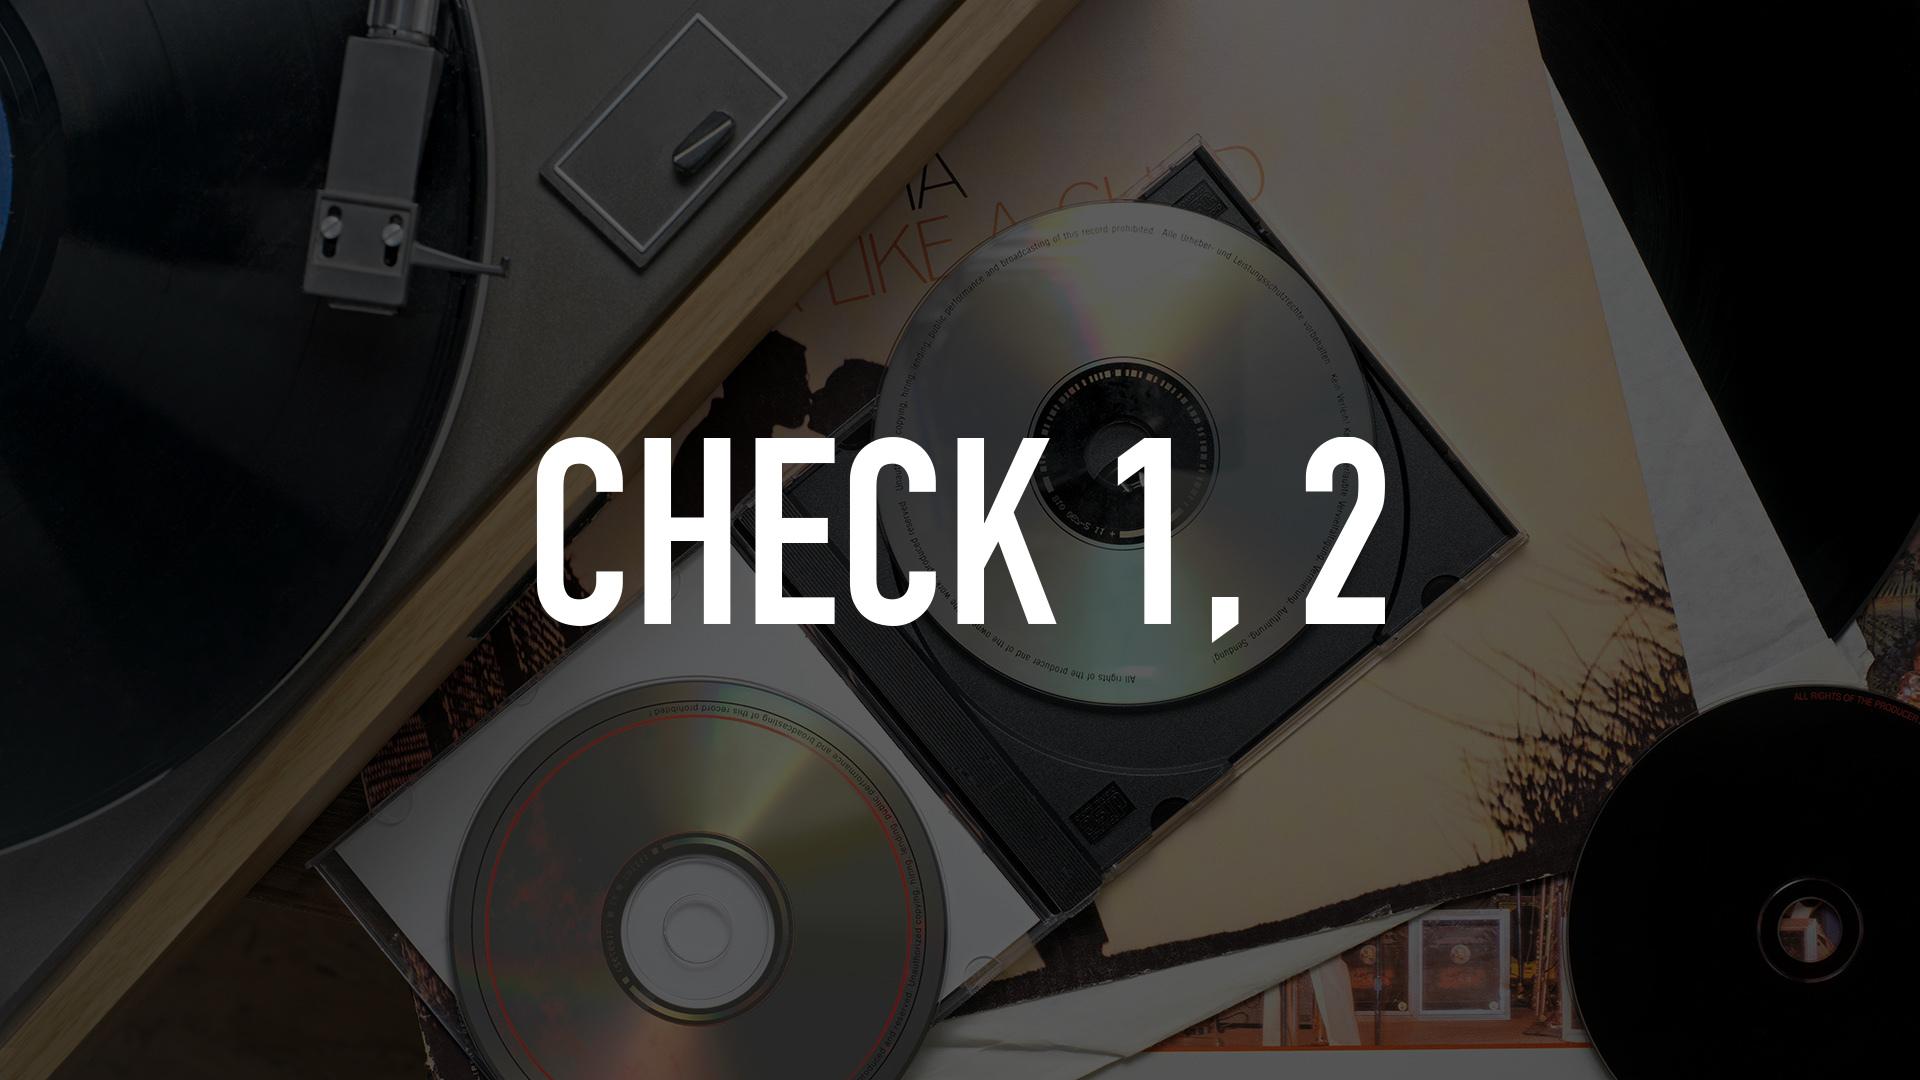 Check 1, 2